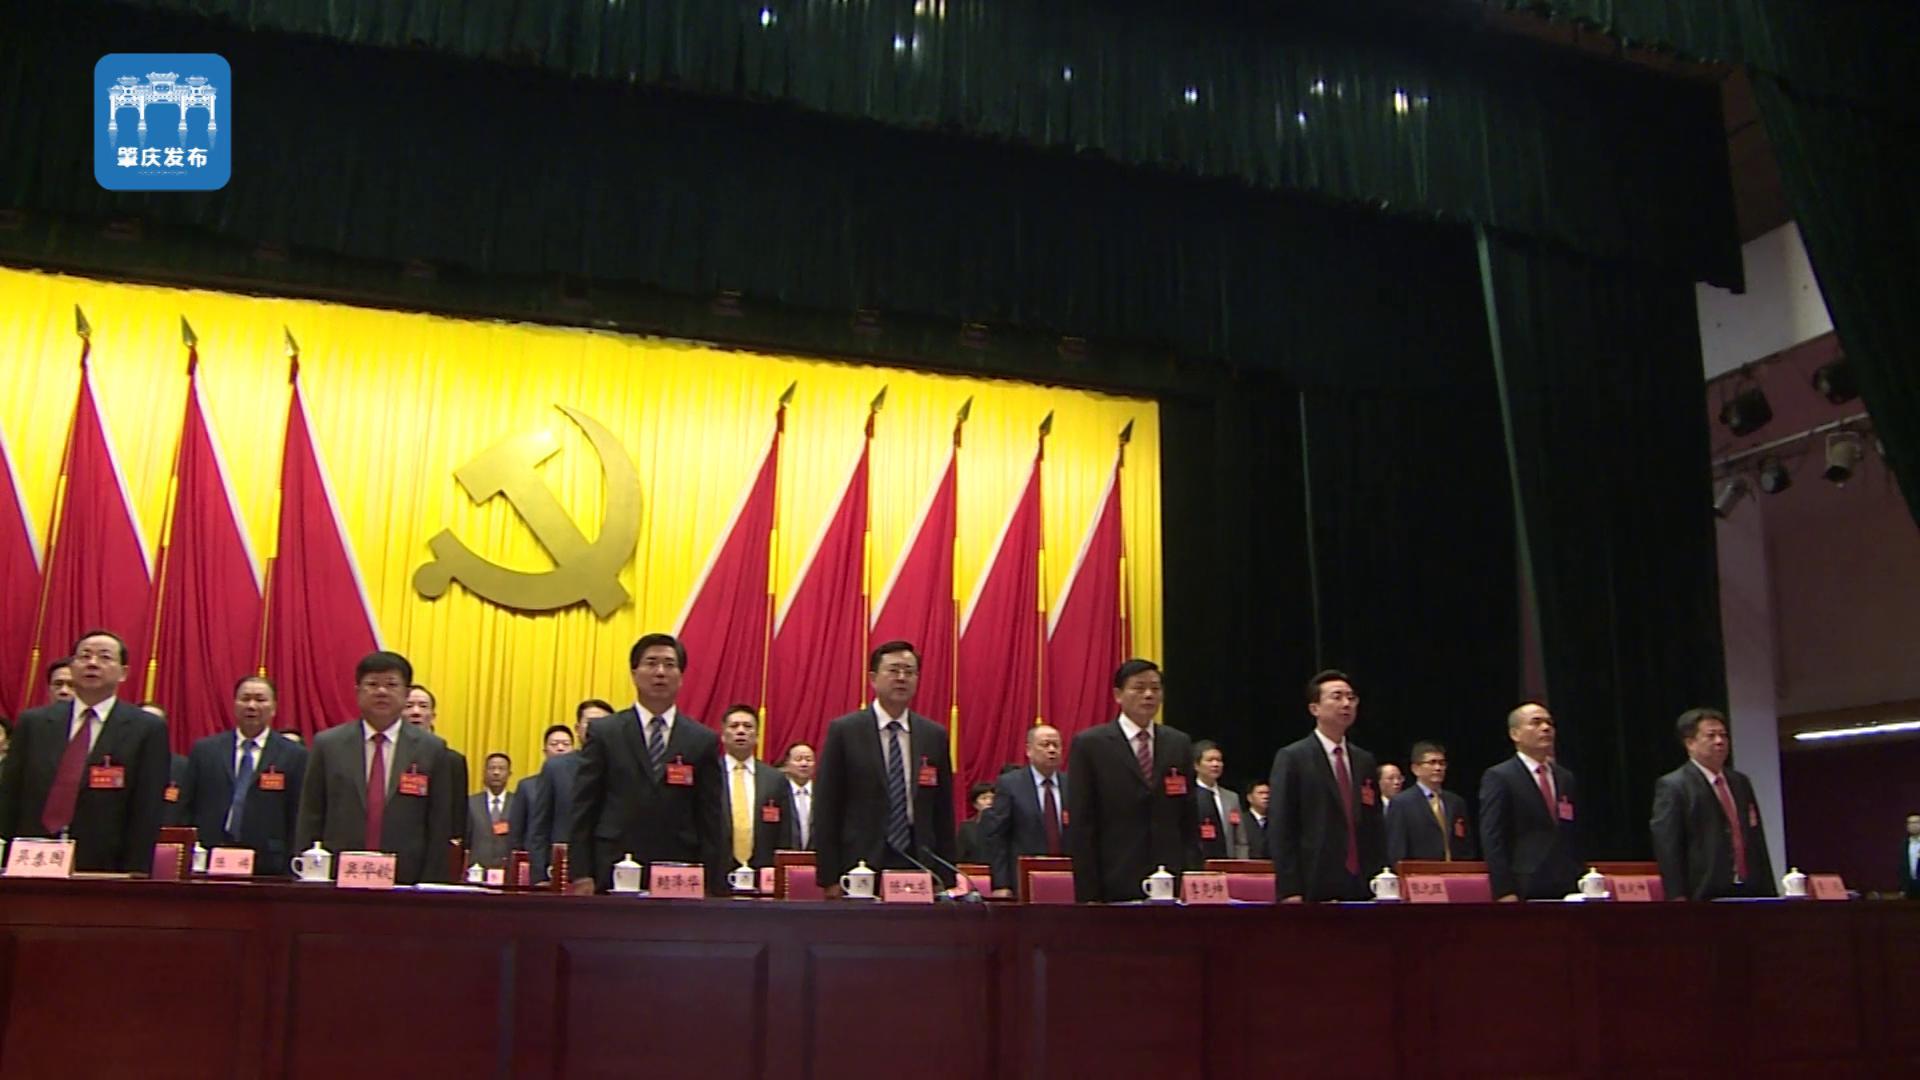 中国共产党肇庆市第十二次代表大会开幕 赖泽华代表十一届市委向大会作报告